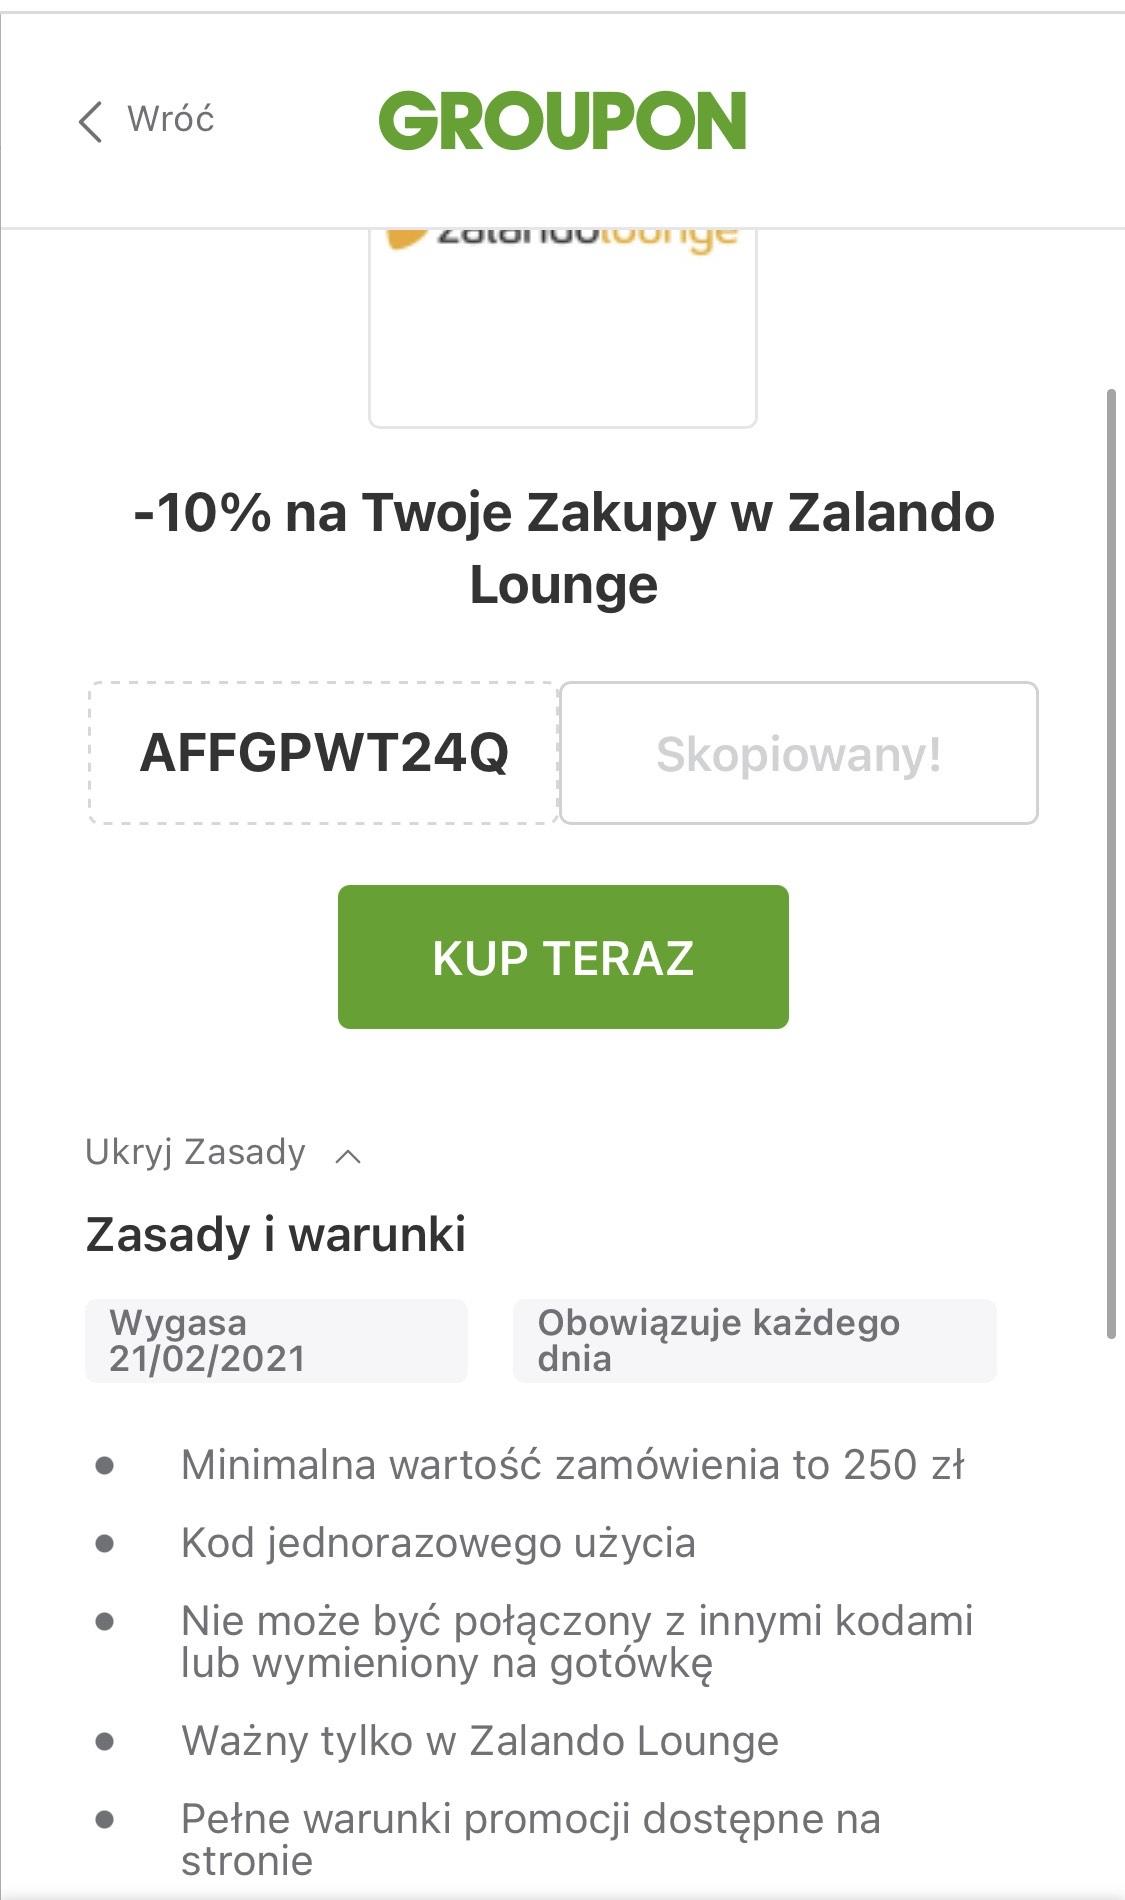 10% rabatu na zamówienie w Zalando Lounge